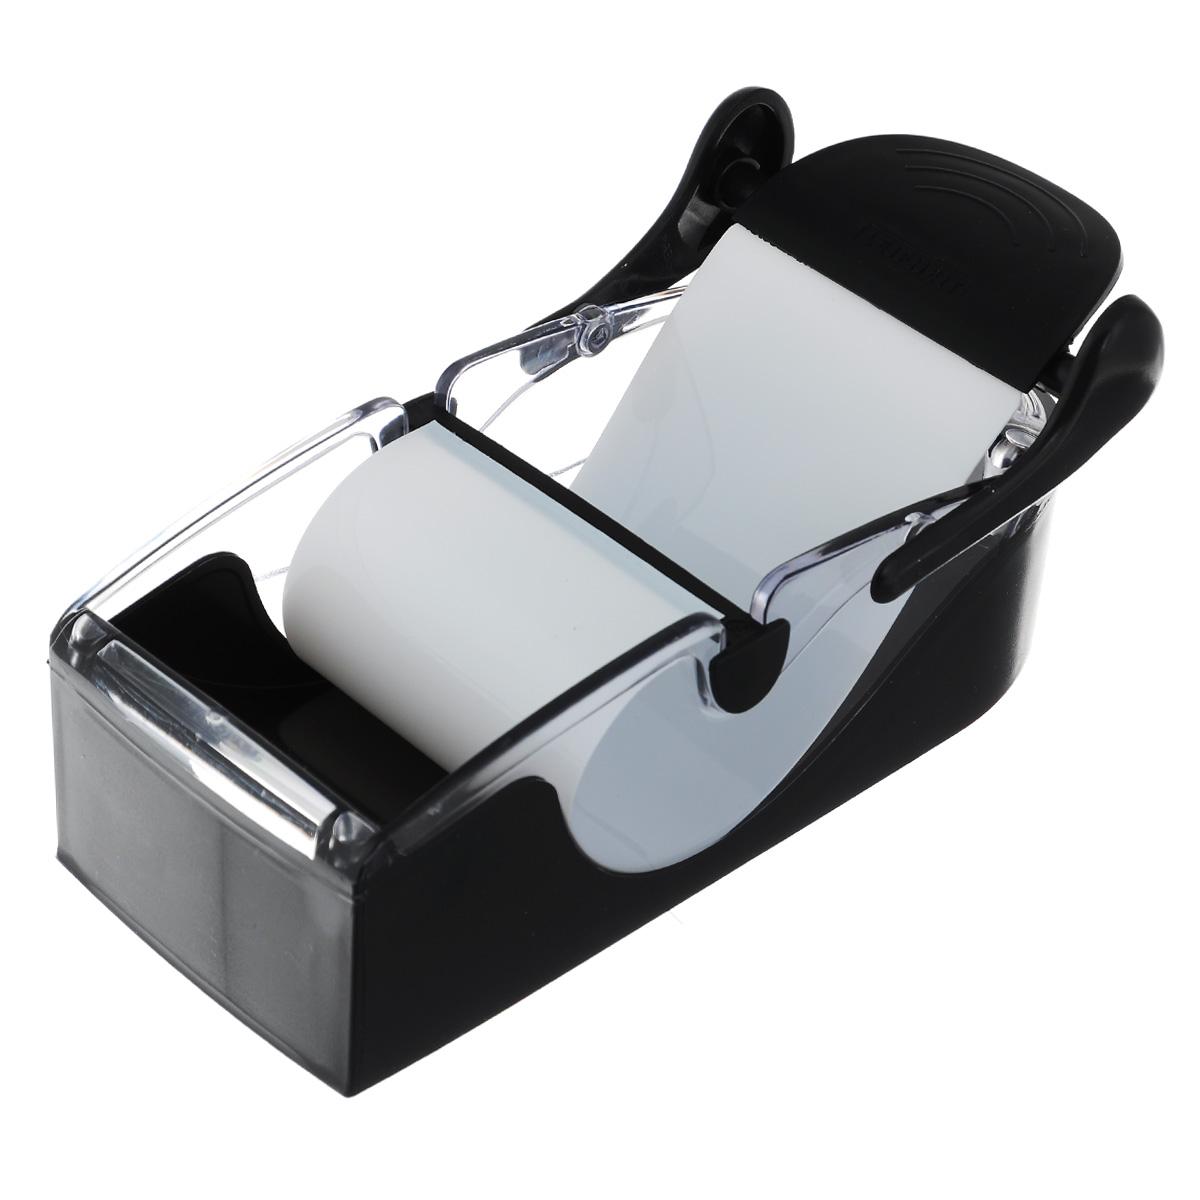 Машинка для приготовления роллов Leifheit Sushi, цвет: черный набор для приготовления роллов ruges суши